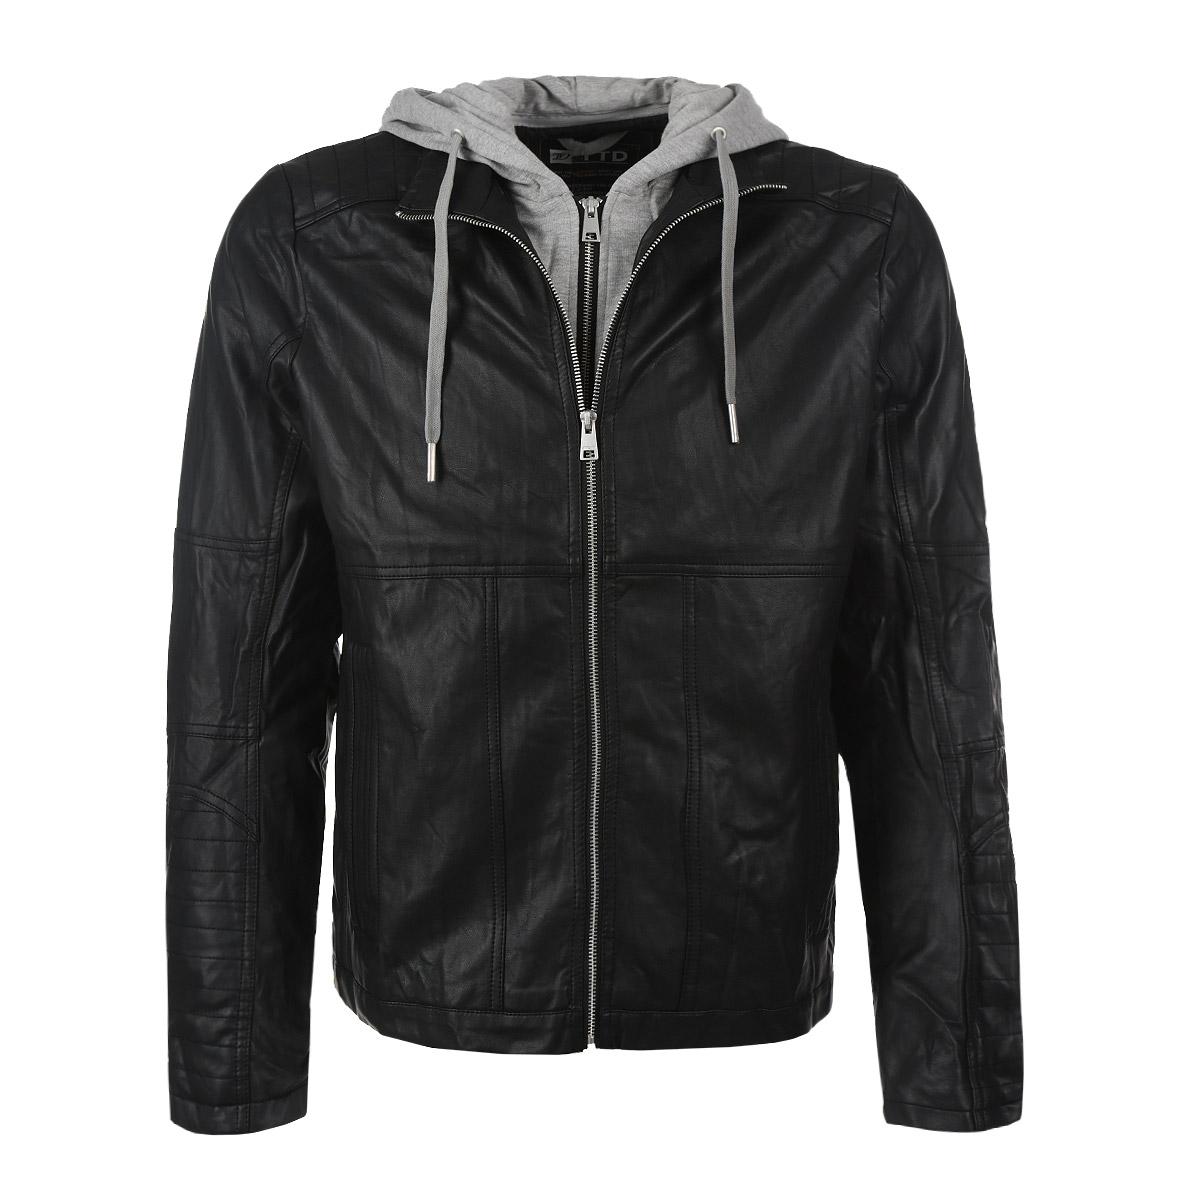 Куртка мужская. 3721950.00.123721950.00.12Стильная мужская куртка Tom Tailor Denim выполнена из высококачественной искусственной матовой кожи с подкладкой из полиэстера и рассчитана на прохладную погоду. Куртка поможет вам почувствовать себя максимально комфортно и стильно. Модель с длинными рукавами и воротником-стойкой застегивается на металлическую застежку-молнию. Куртка дополнена съемным трикотажным капюшоном на кулиске и планкой вдоль застежки, имитирующей толстовку на молнии, которые при желании можно отстегнуть. Манжеты декорированы металлическими молниями. Куртка дополнена двумя втачными карманами и потайным кармашком на кнопке, расположенным с внутренней стороны изделия. Модный дизайн и практичность - отличный выбор на каждый день!